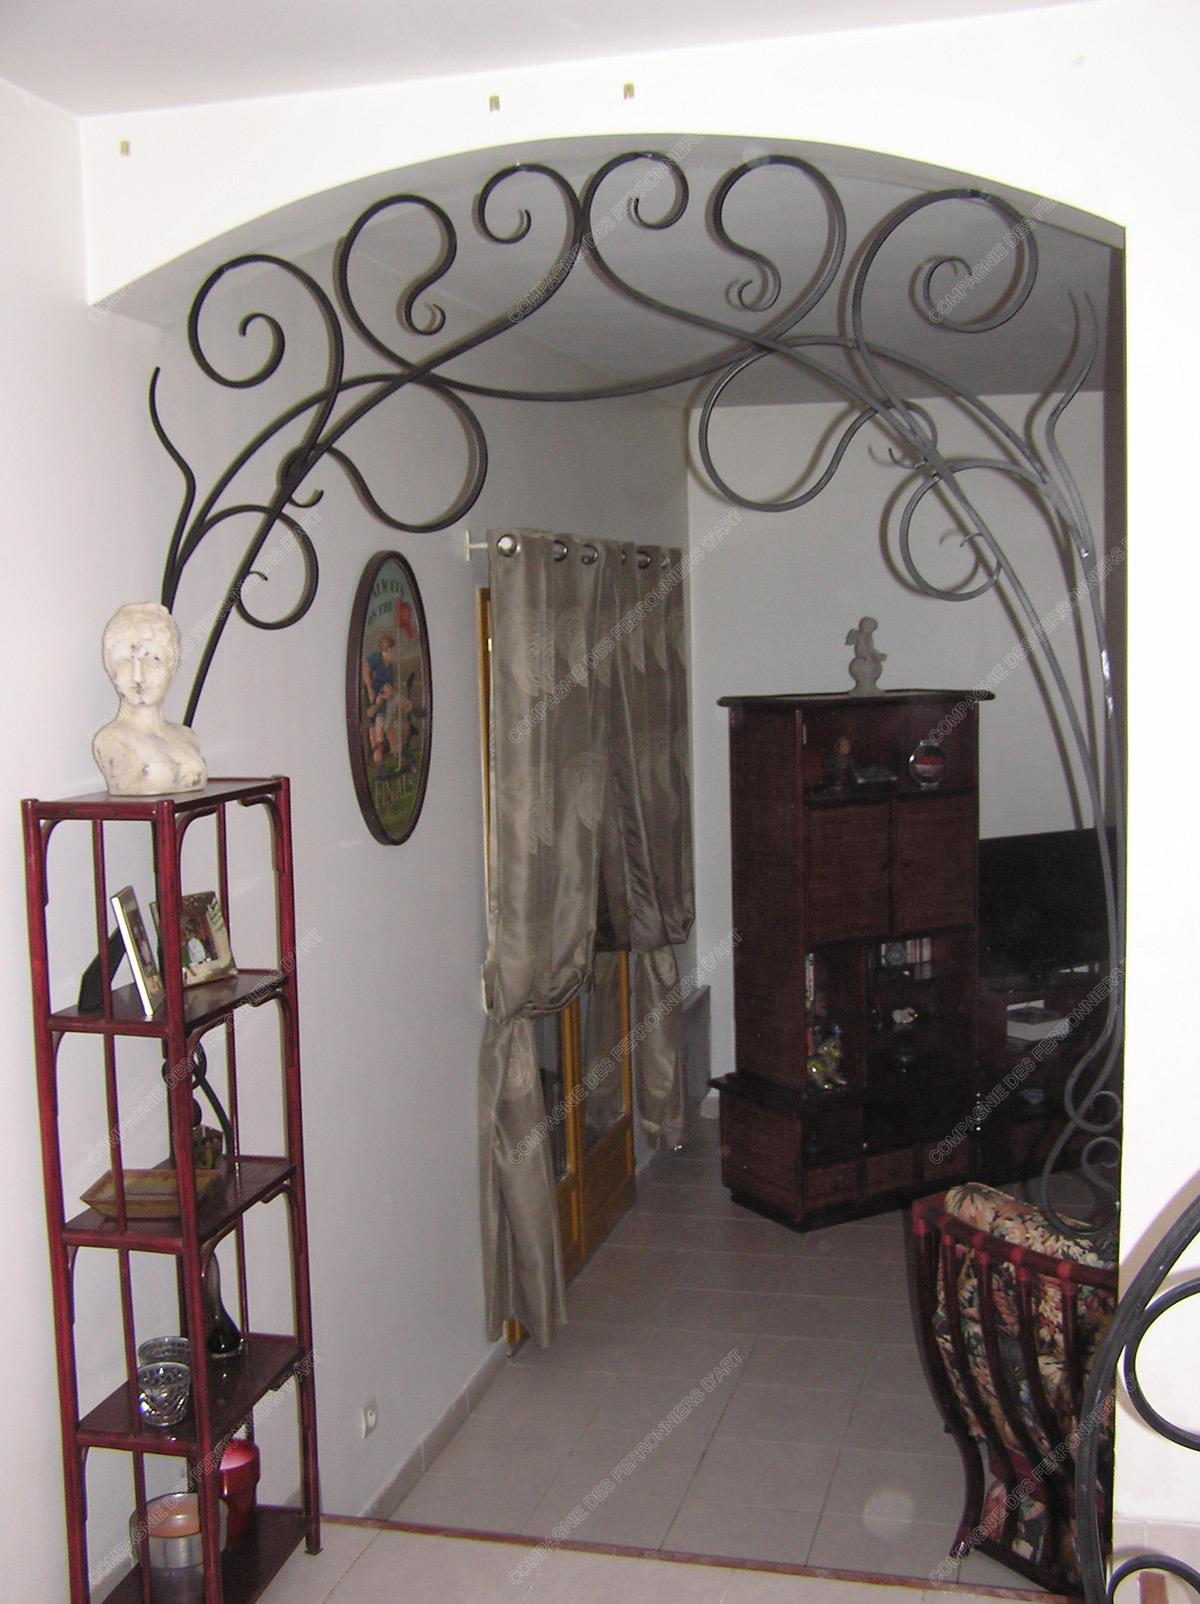 grilles en fer forg d coratives mod le gor02 volutes liane. Black Bedroom Furniture Sets. Home Design Ideas